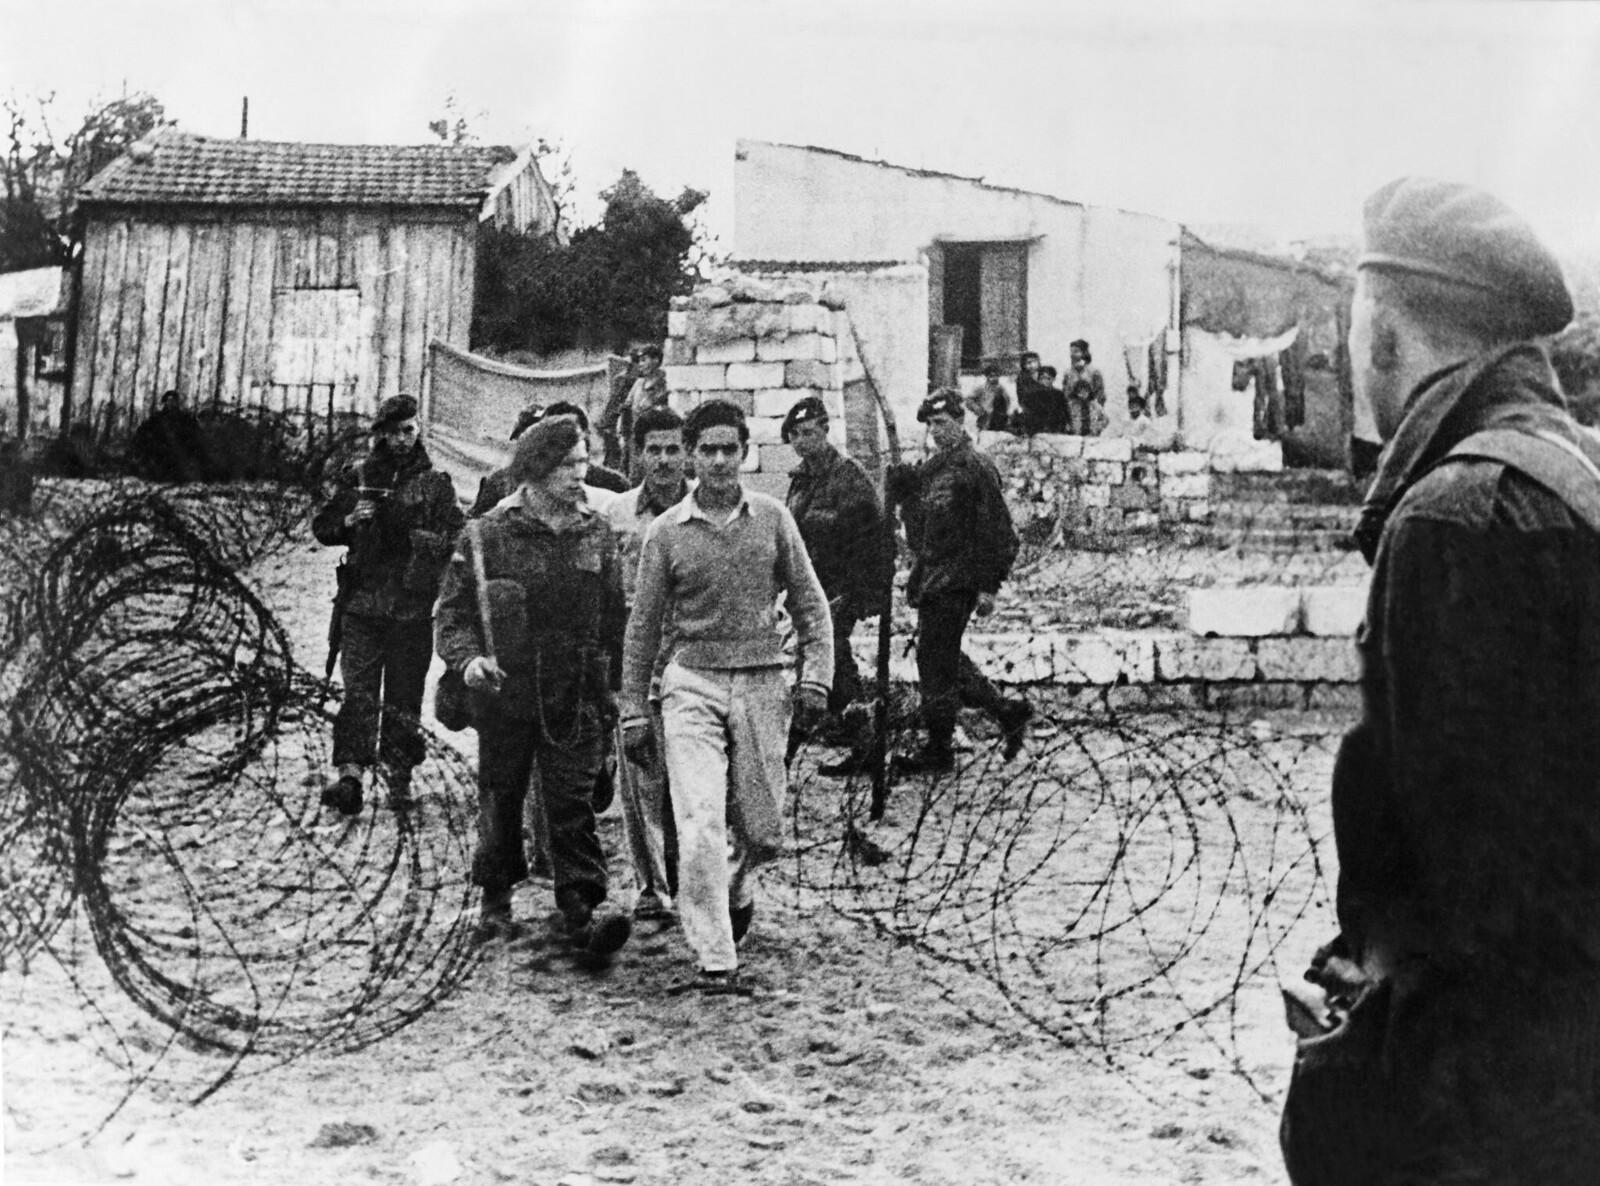 10. Обвиняемые в принадлежности к «Иргун», эти два молодых еврея направляются под британским военным конвоем в офис, где их допросят